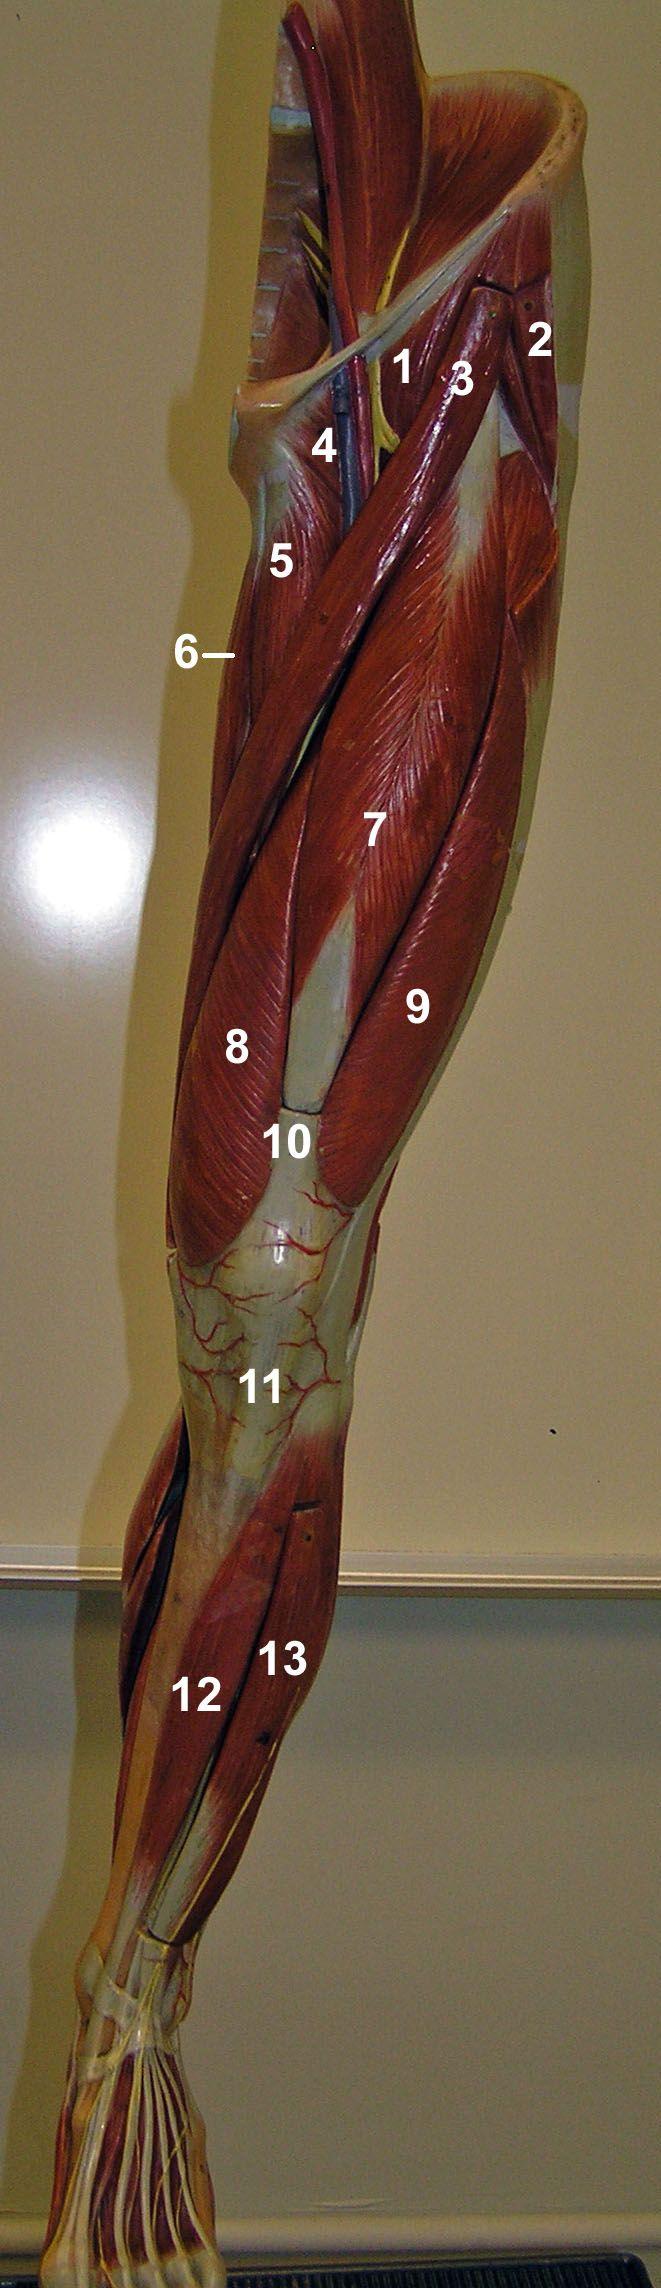 1 - Iliopsoas 2 - Tensor fascia Latae 3 - Sartorius 4 - Pectineus 5 - Adductor longus 6 - Gracilis 7 - Rectus femoris (vastusintermedius is deep) 8 -Vastus medialis 9 - Vastus lateralis 10 - Quadriceps tendon 11 - Patellar ligament 12 - Tibialis anterior 13 - Extensor digitorum longus